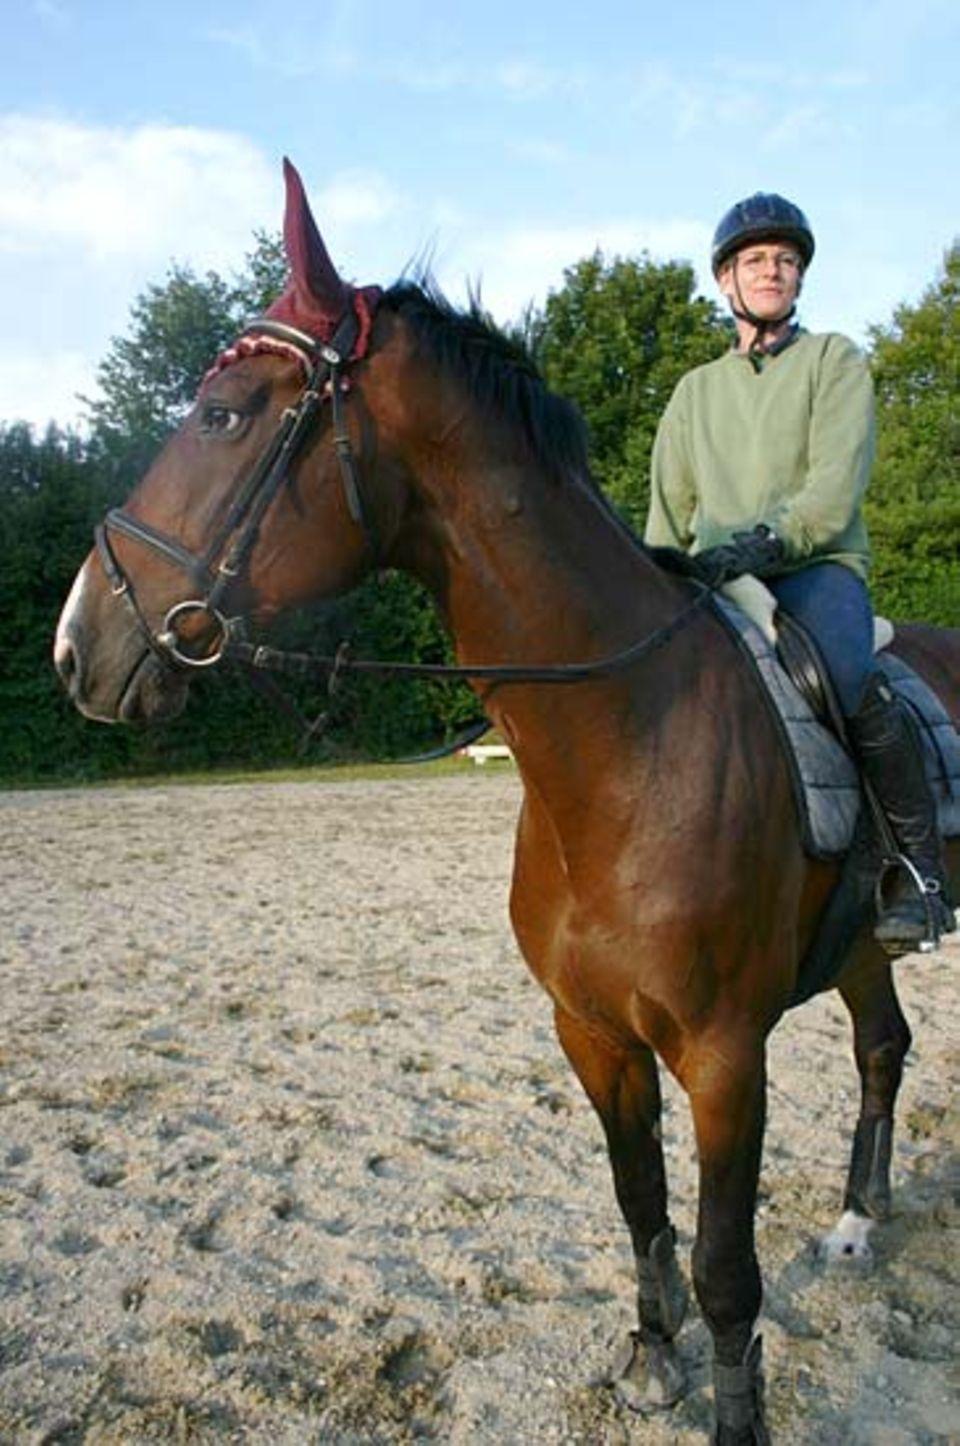 Beruf: Claudias Arbeitsplatz - auf dem Rücken der Pferde statt im Büro